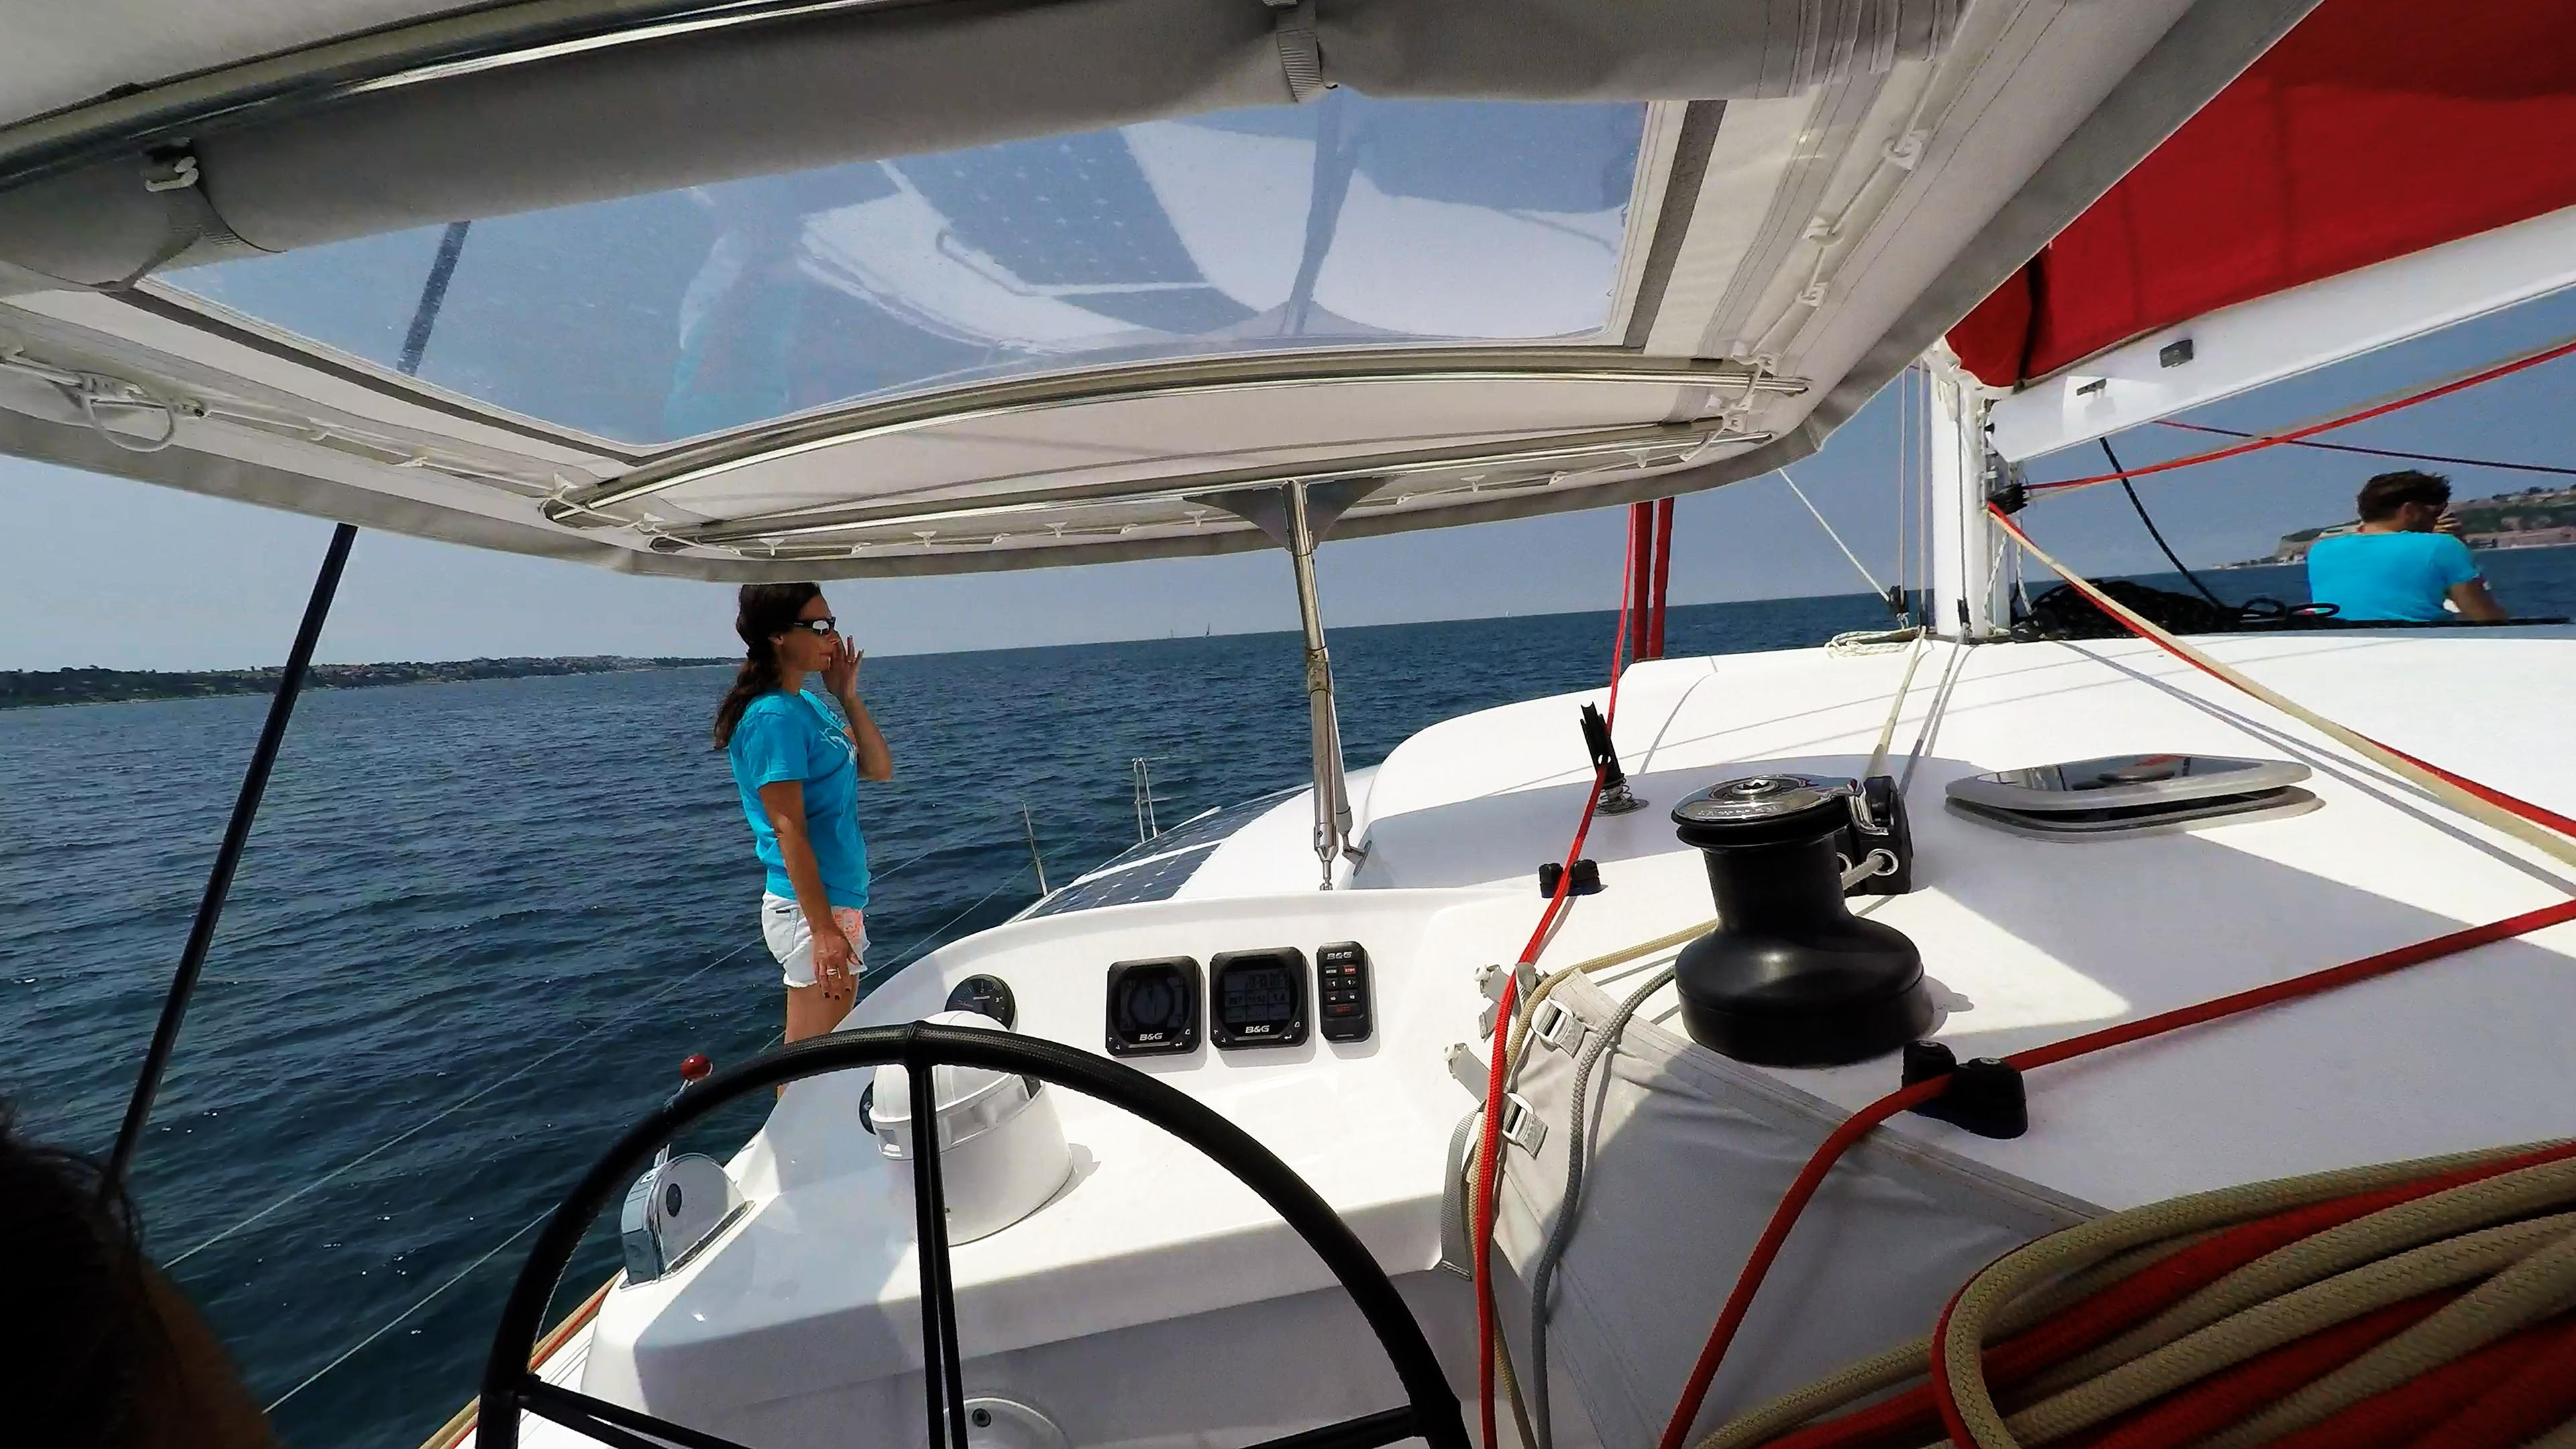 ragazza sul coperta di trimarano  a vela yacht